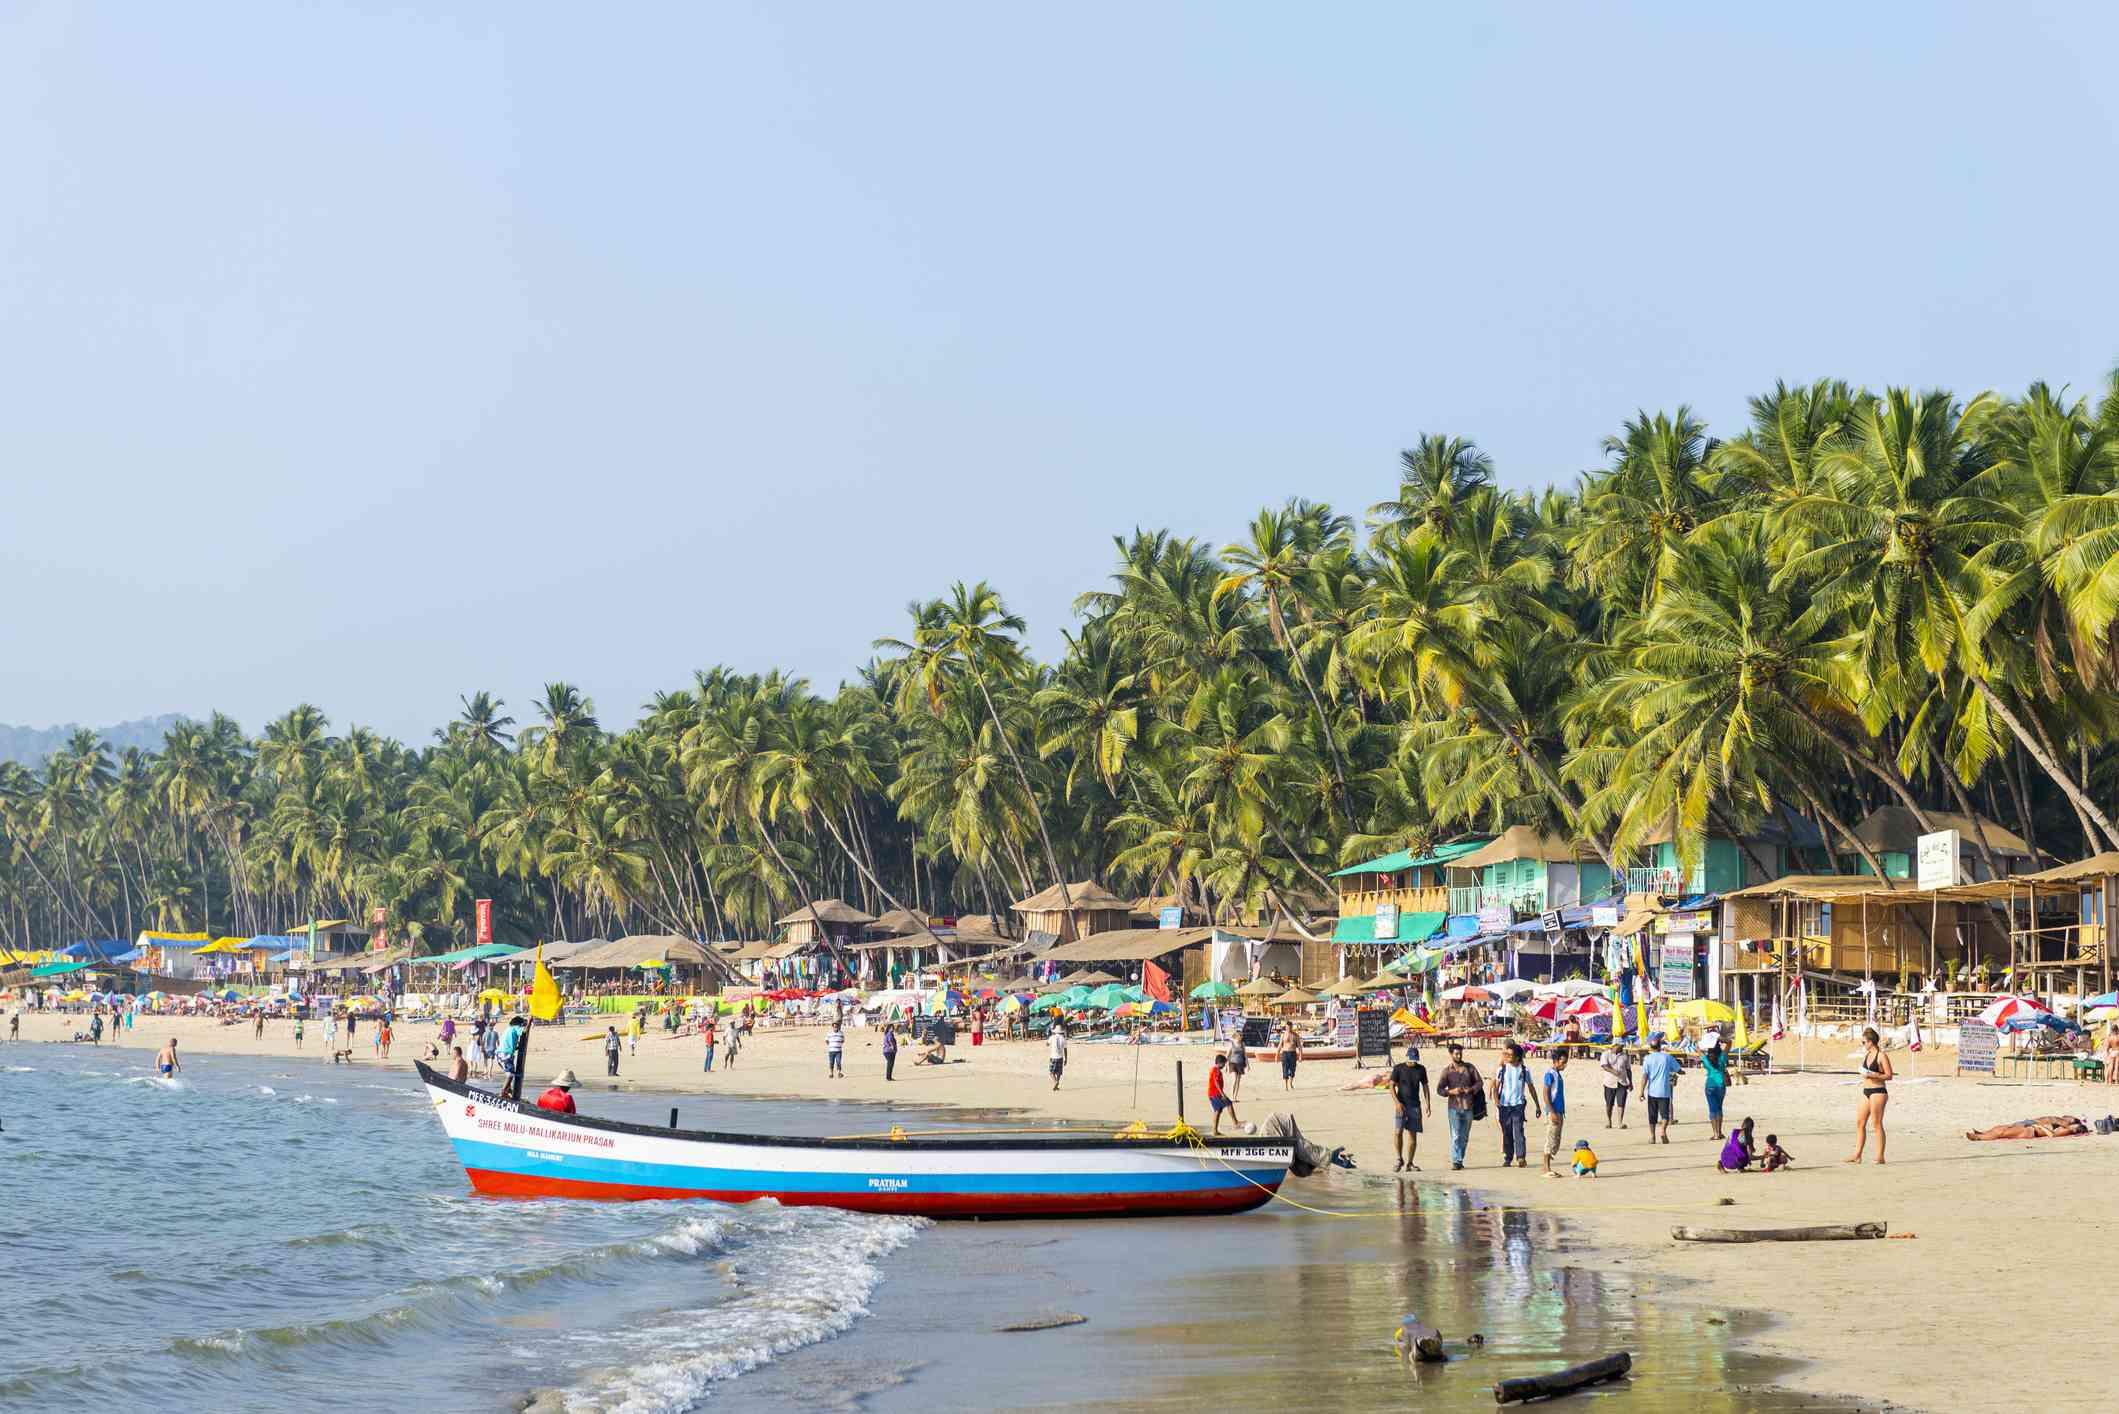 Palolem Beach in Goa, India